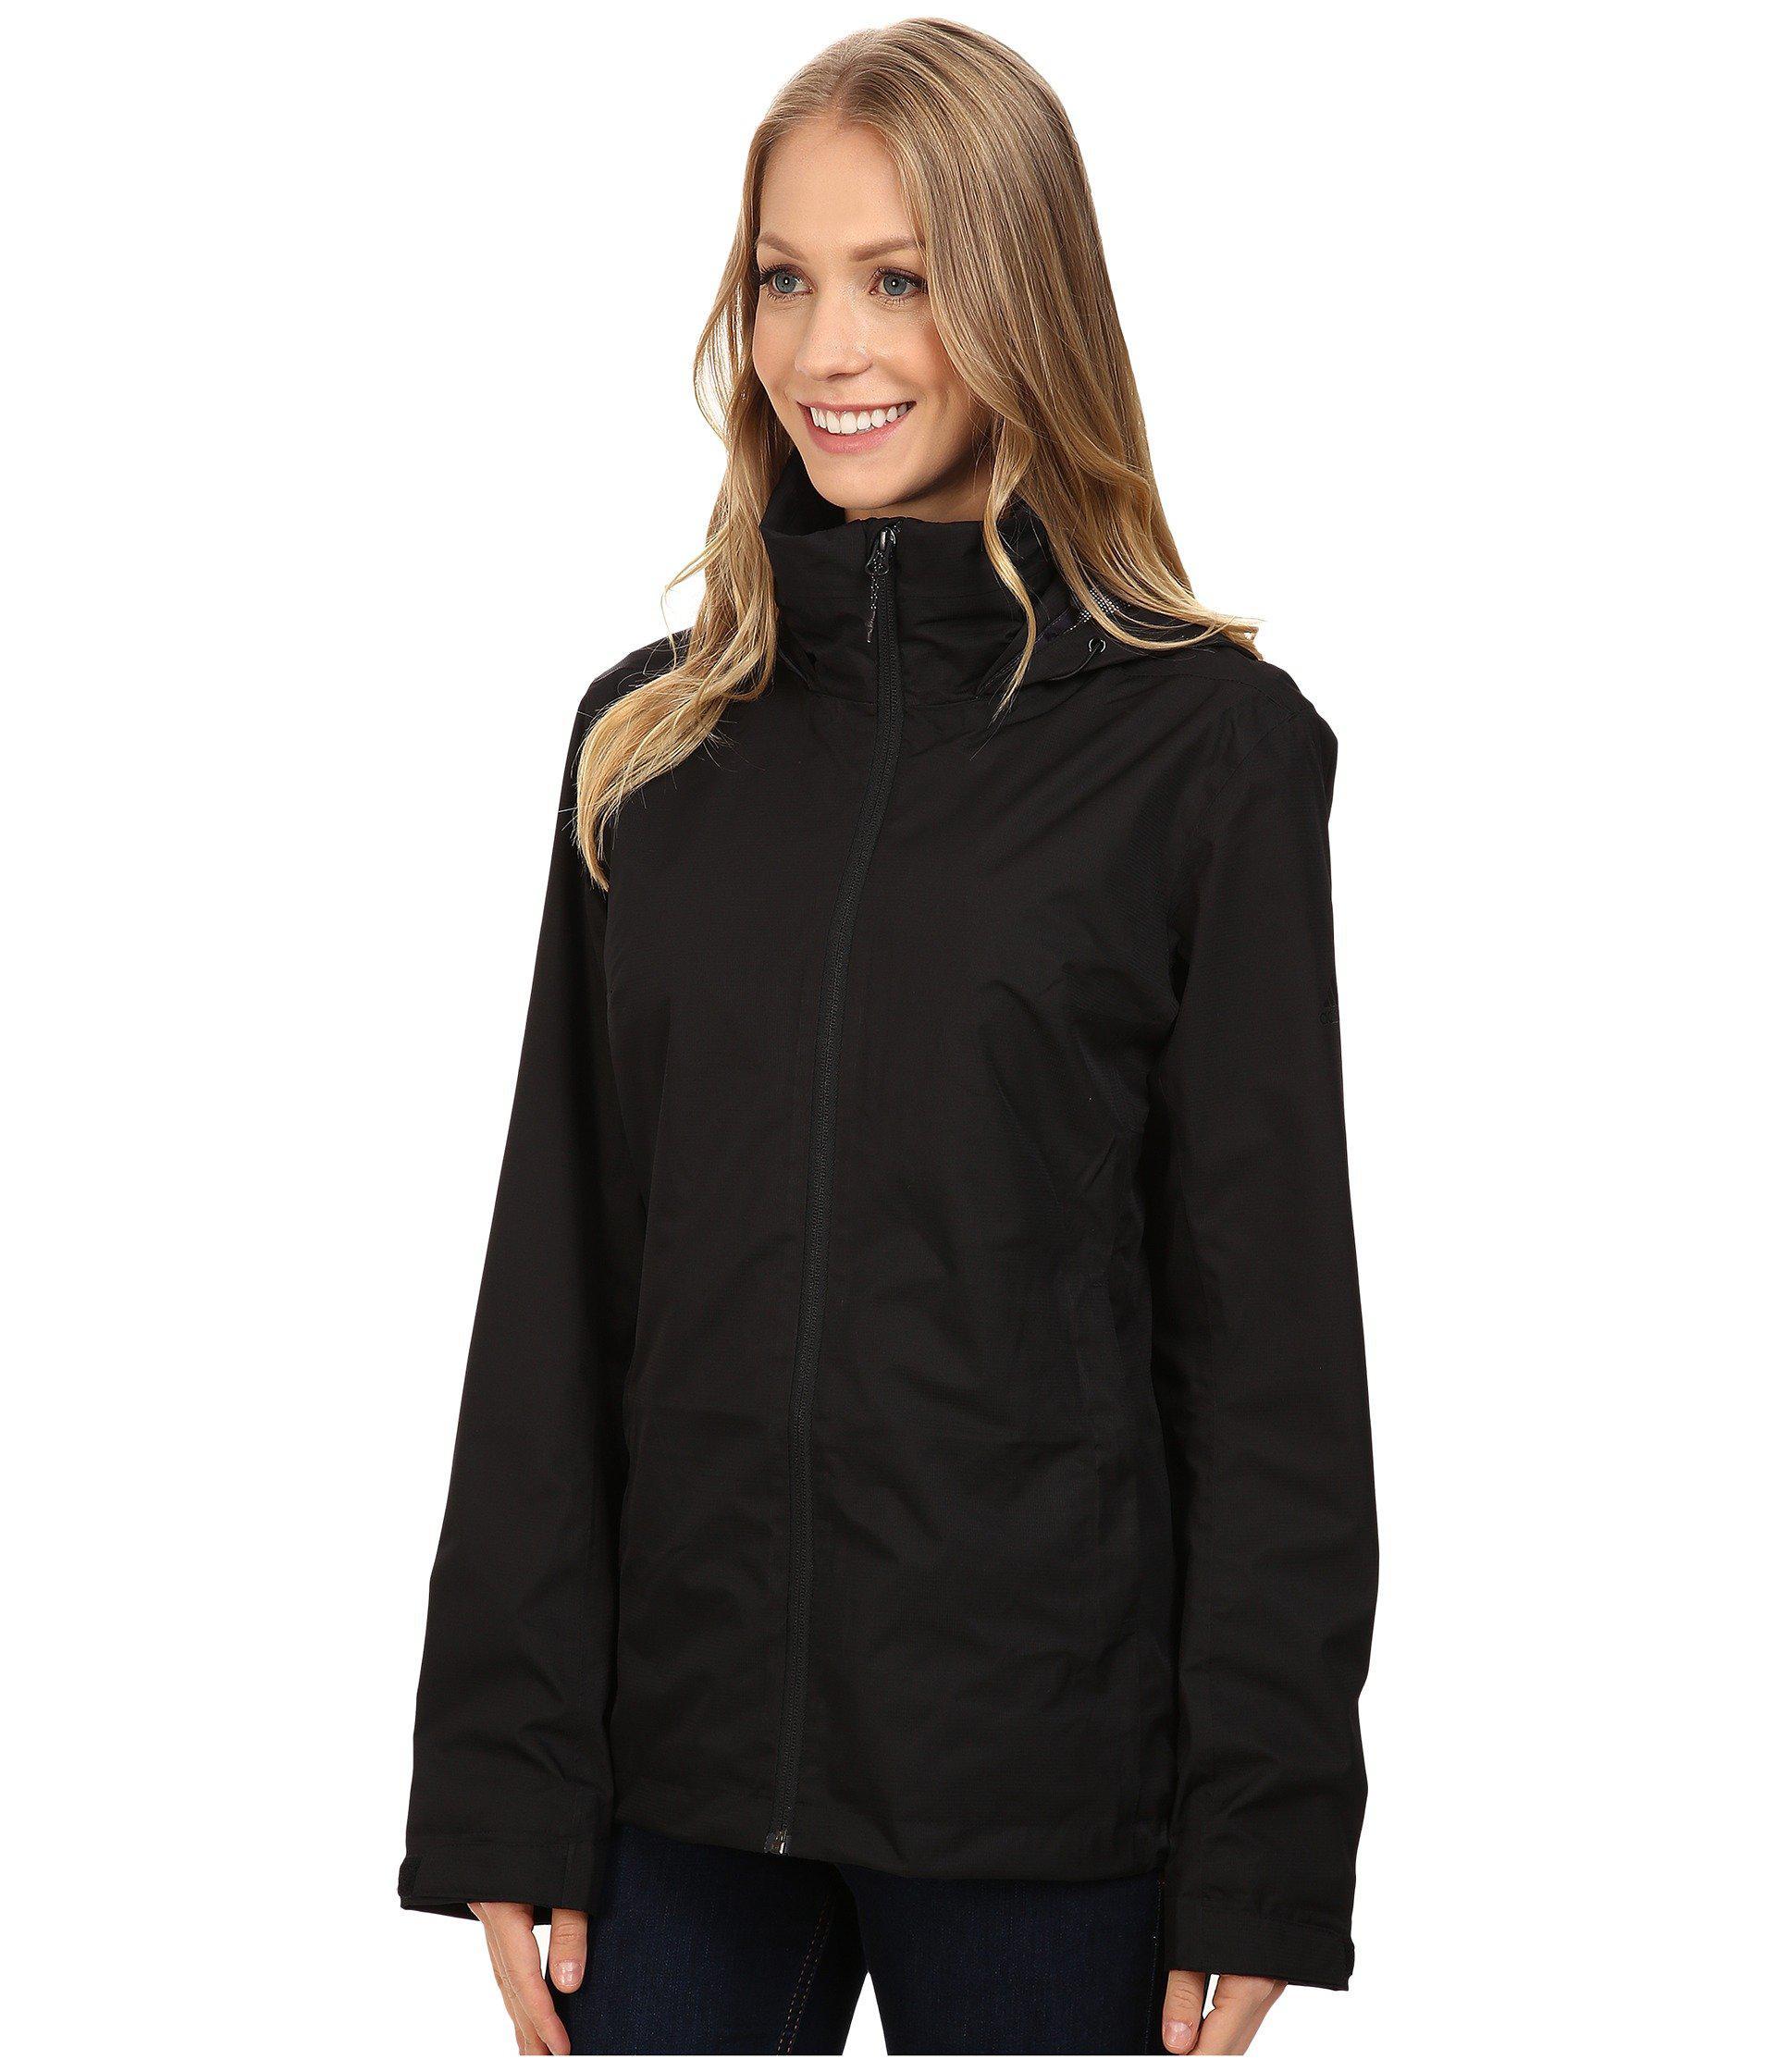 9ca2f9b83c80 Lyst - adidas Originals Wandertag Jacket (legend Ink) Women s Coat in Black  - Save 8%